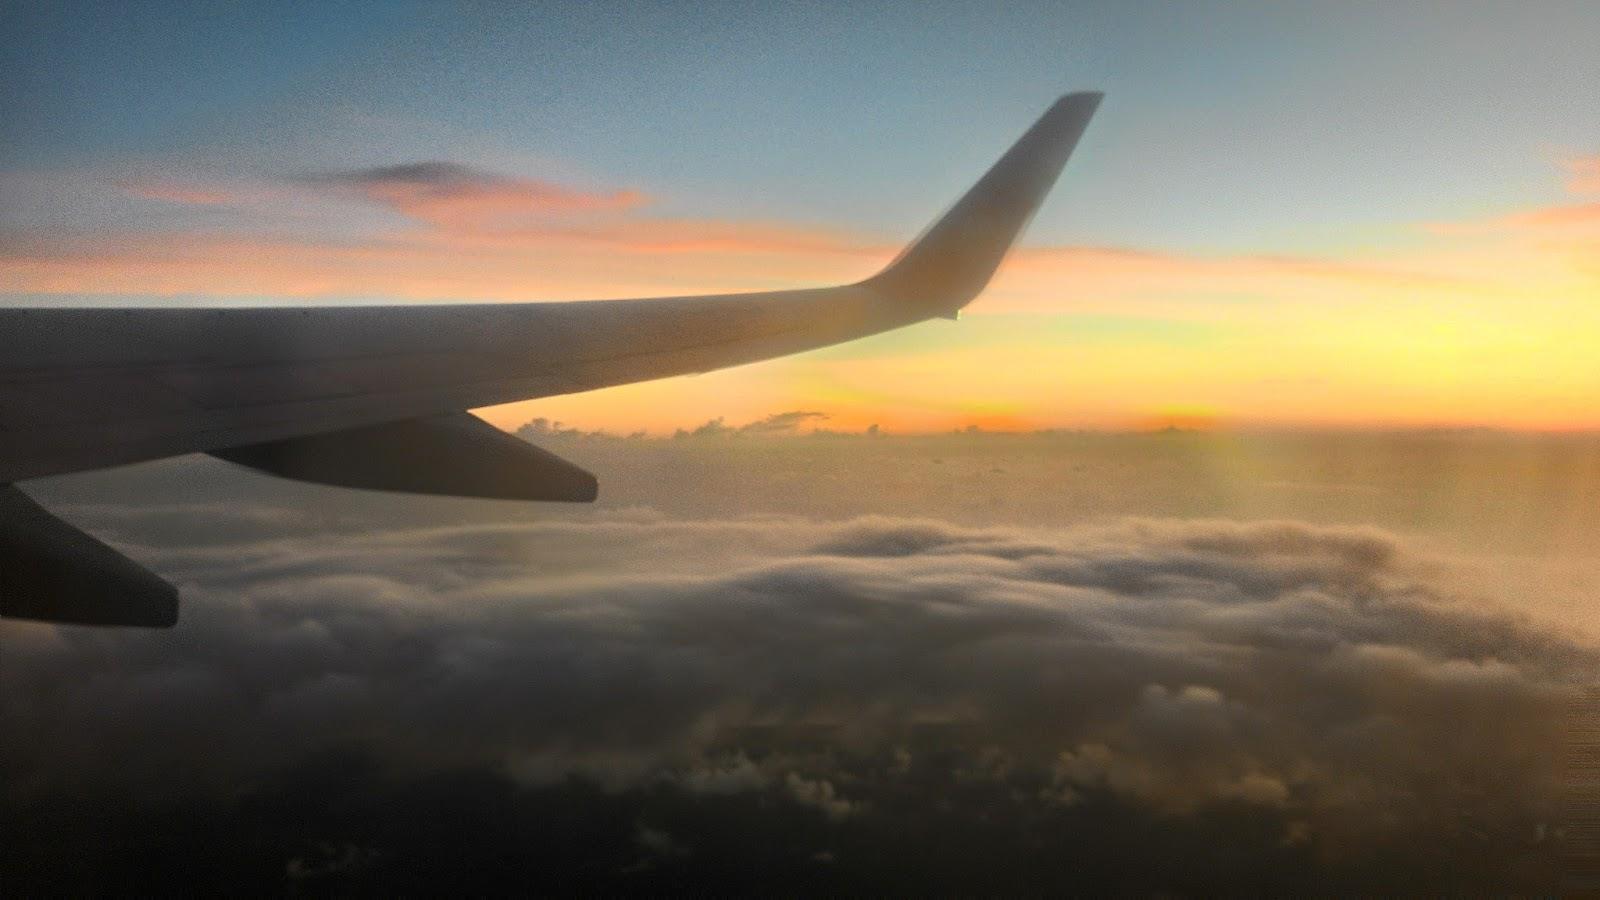 Pemandangan Sunset Dari Atas Pesawat LION JT0633 Bengkulu - Jakarta (BKS - CGK) - Cerita dan Foto